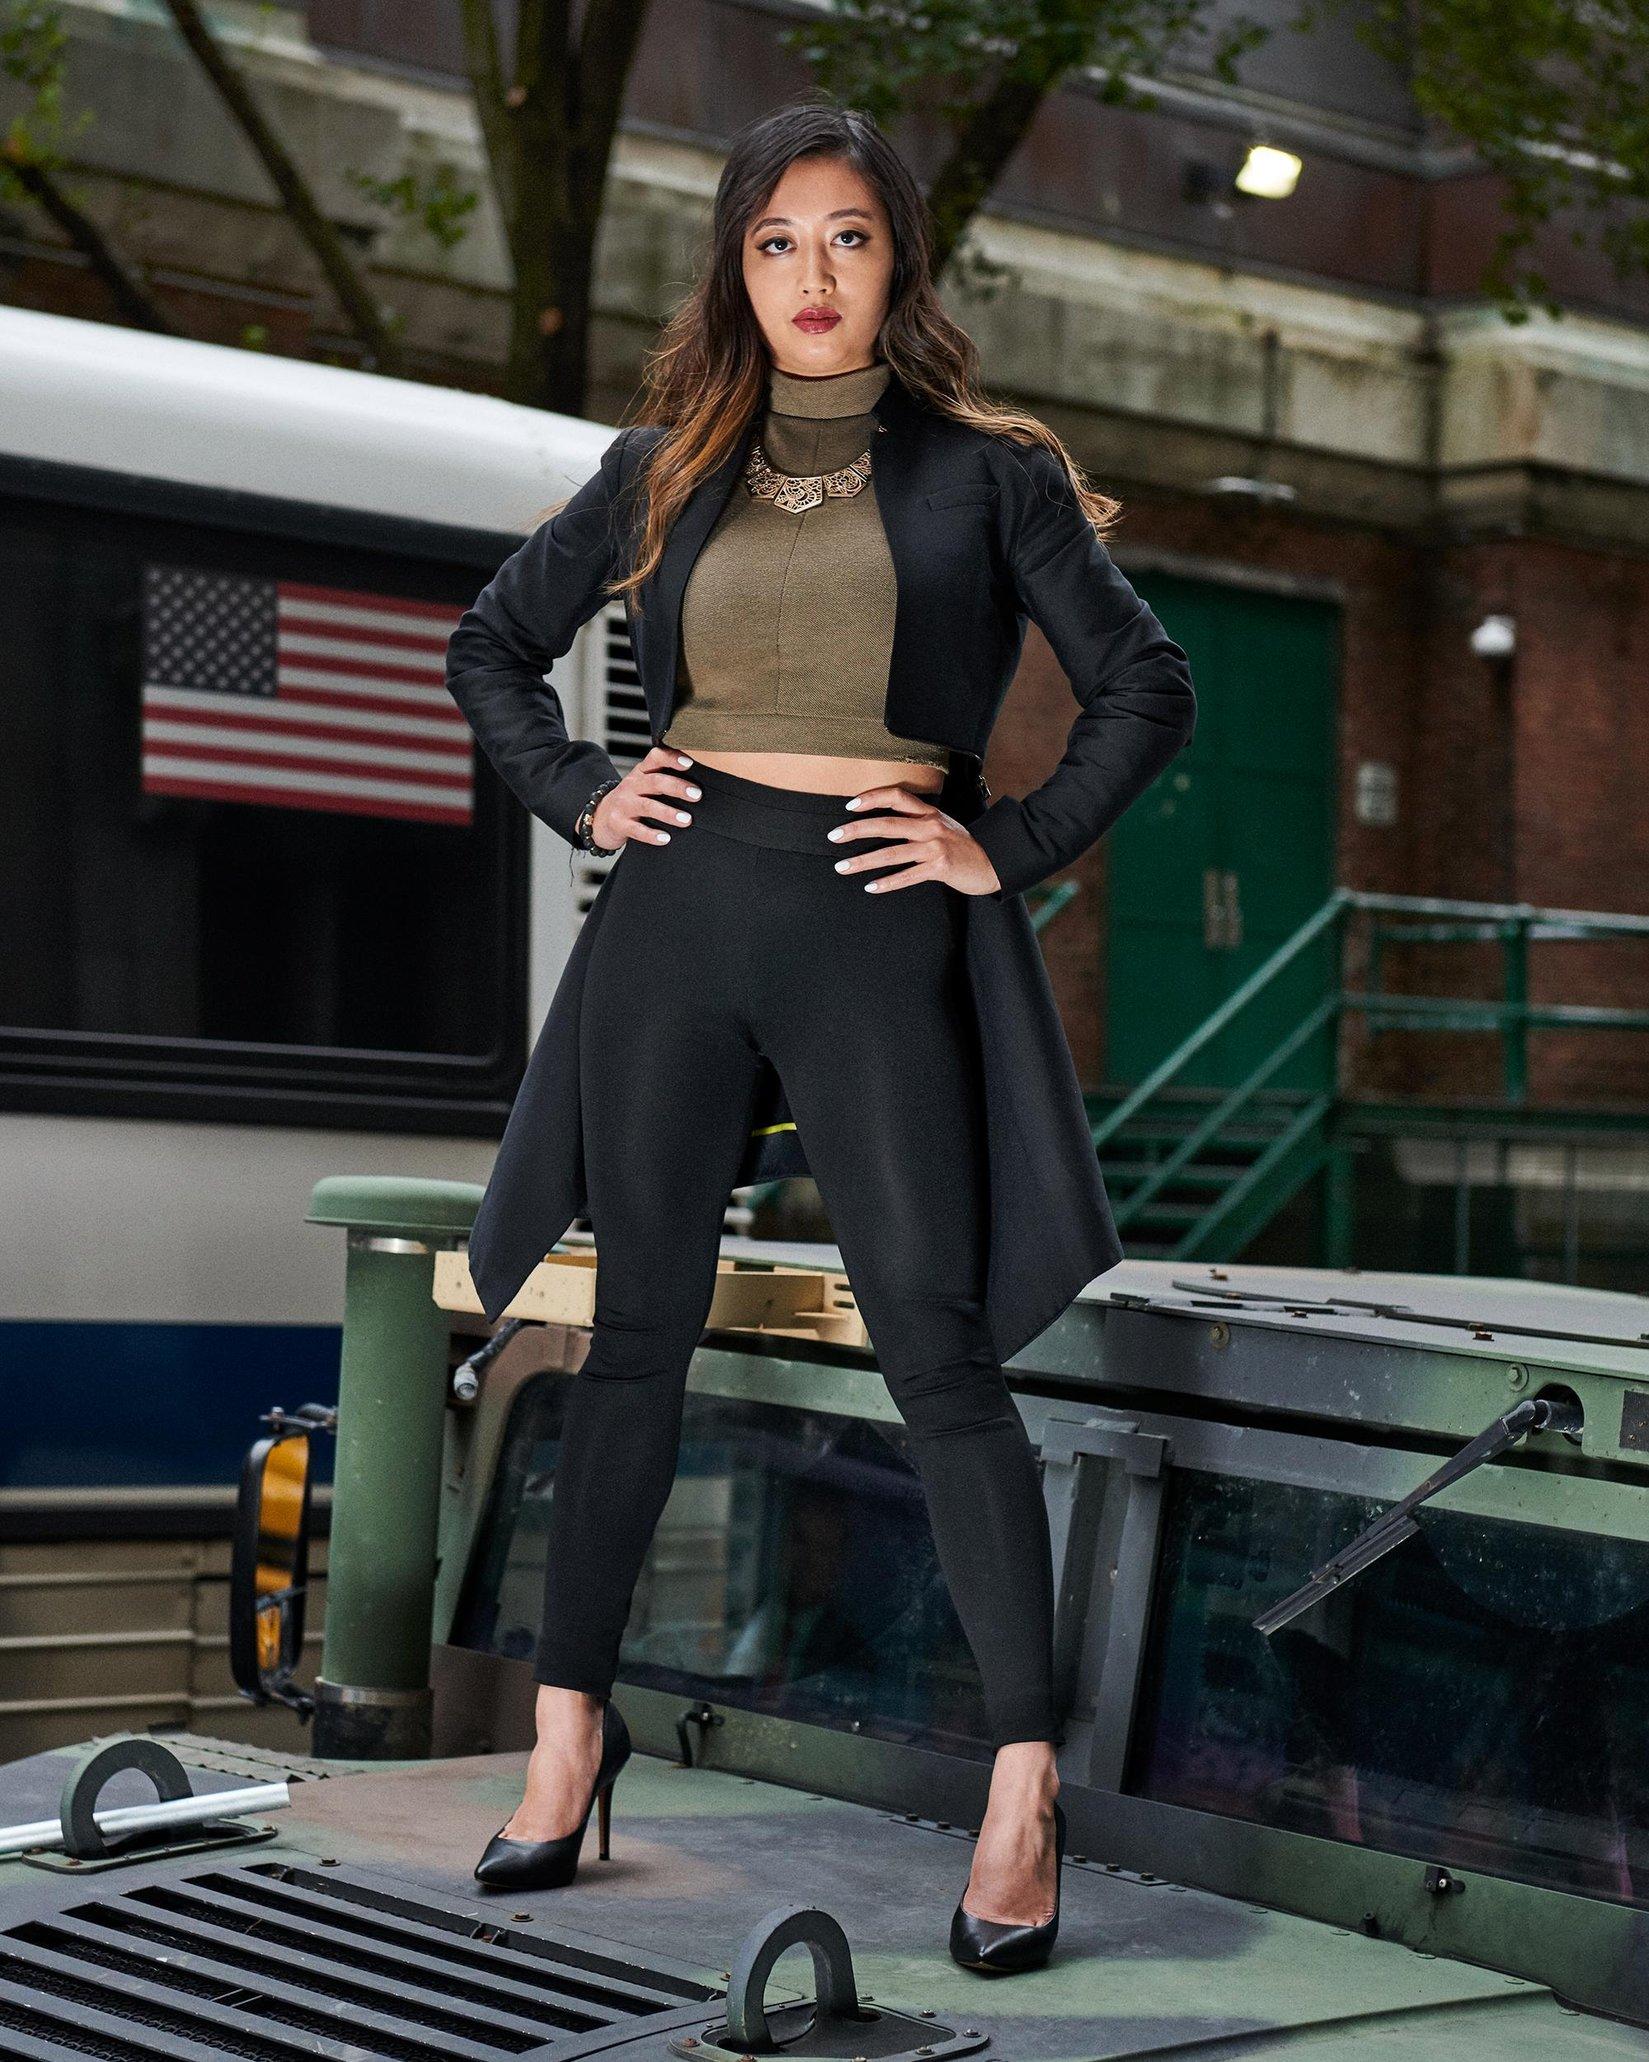 lisa-wang-empowers-other-women.jpg